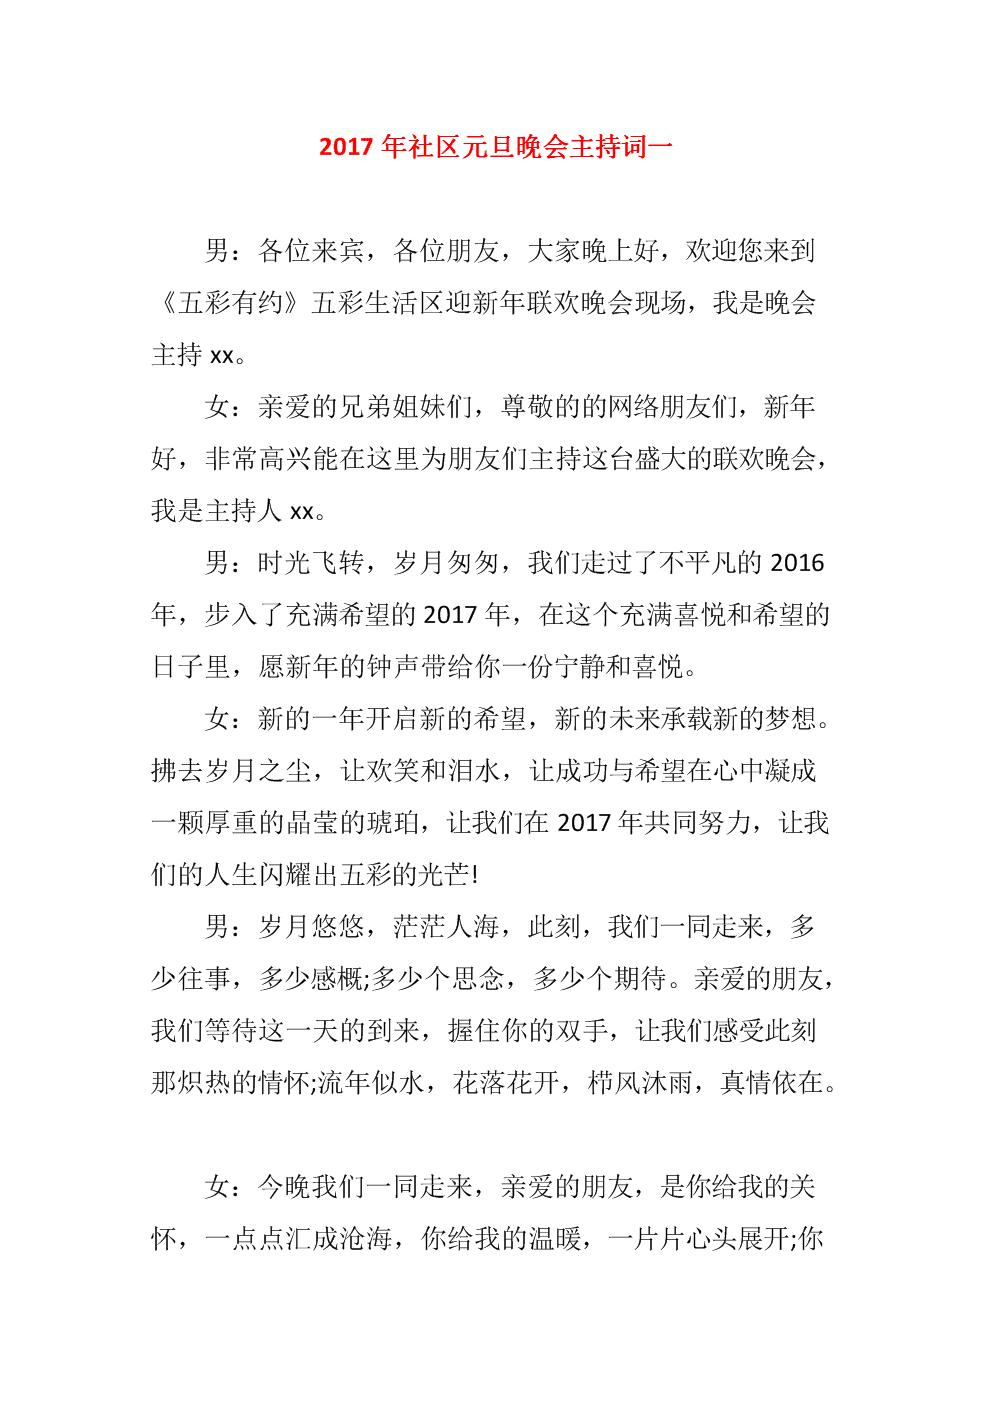 2017年社区元旦晚会主持词.docx